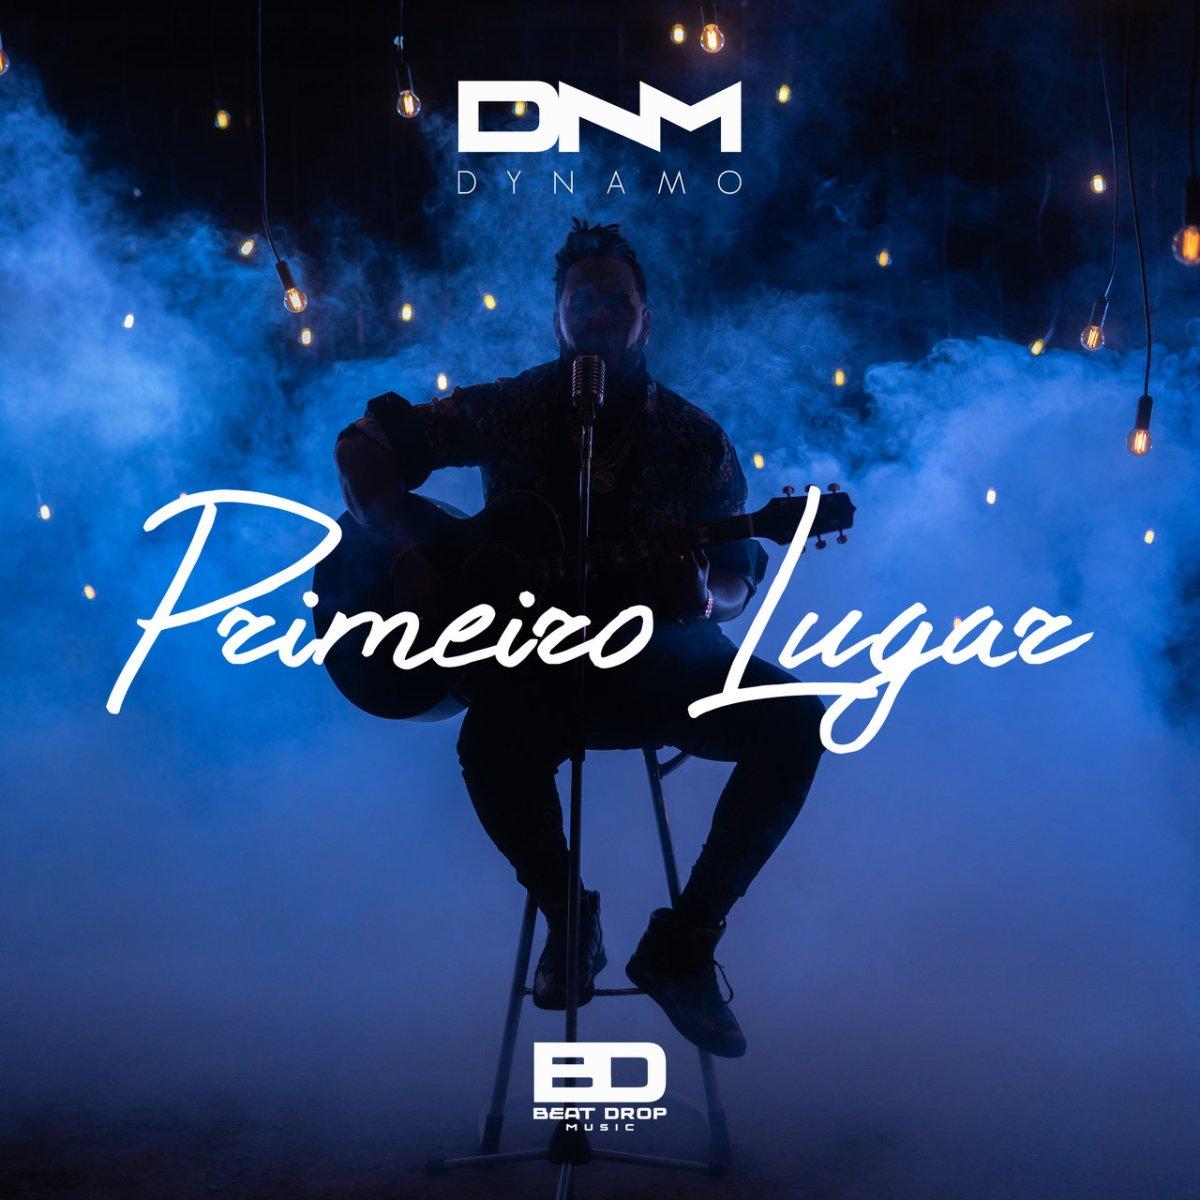 Dynamo - Primeiro Lugar (Cover)